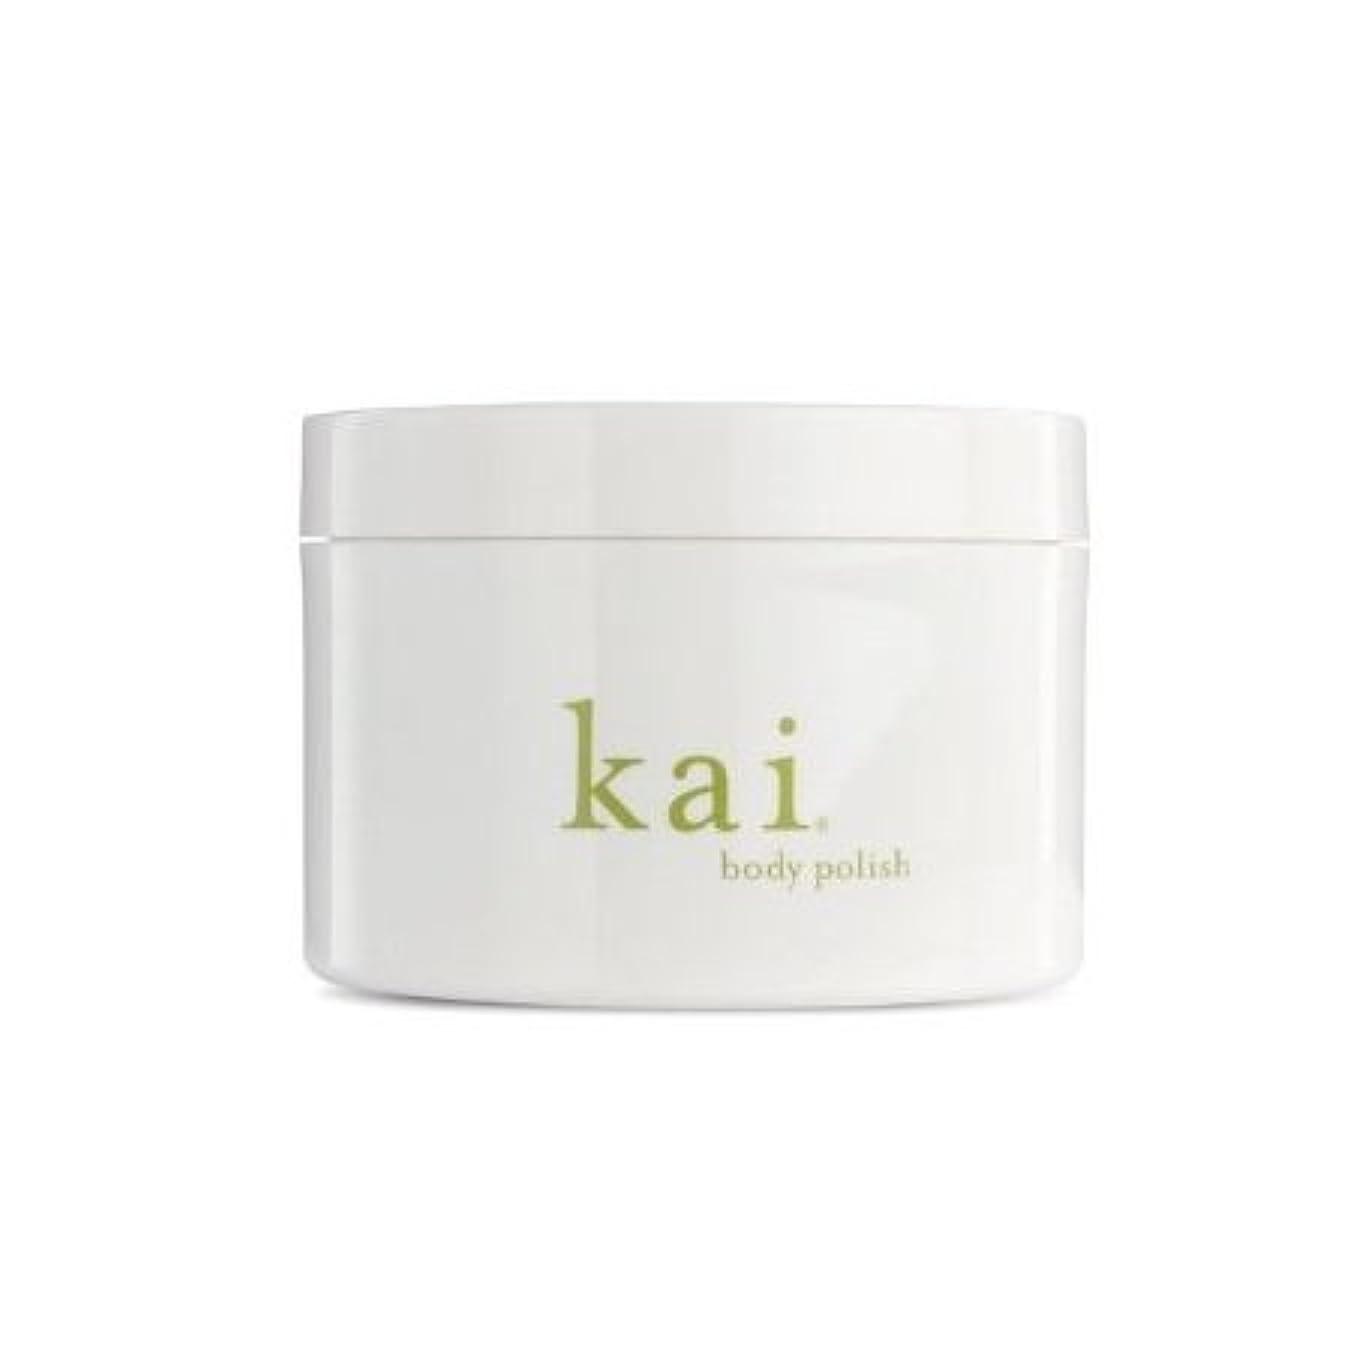 墓シーボード連鎖Kai Body Polish (カイ ボディーポリッシュ) 8.0 oz (240ml) for Women